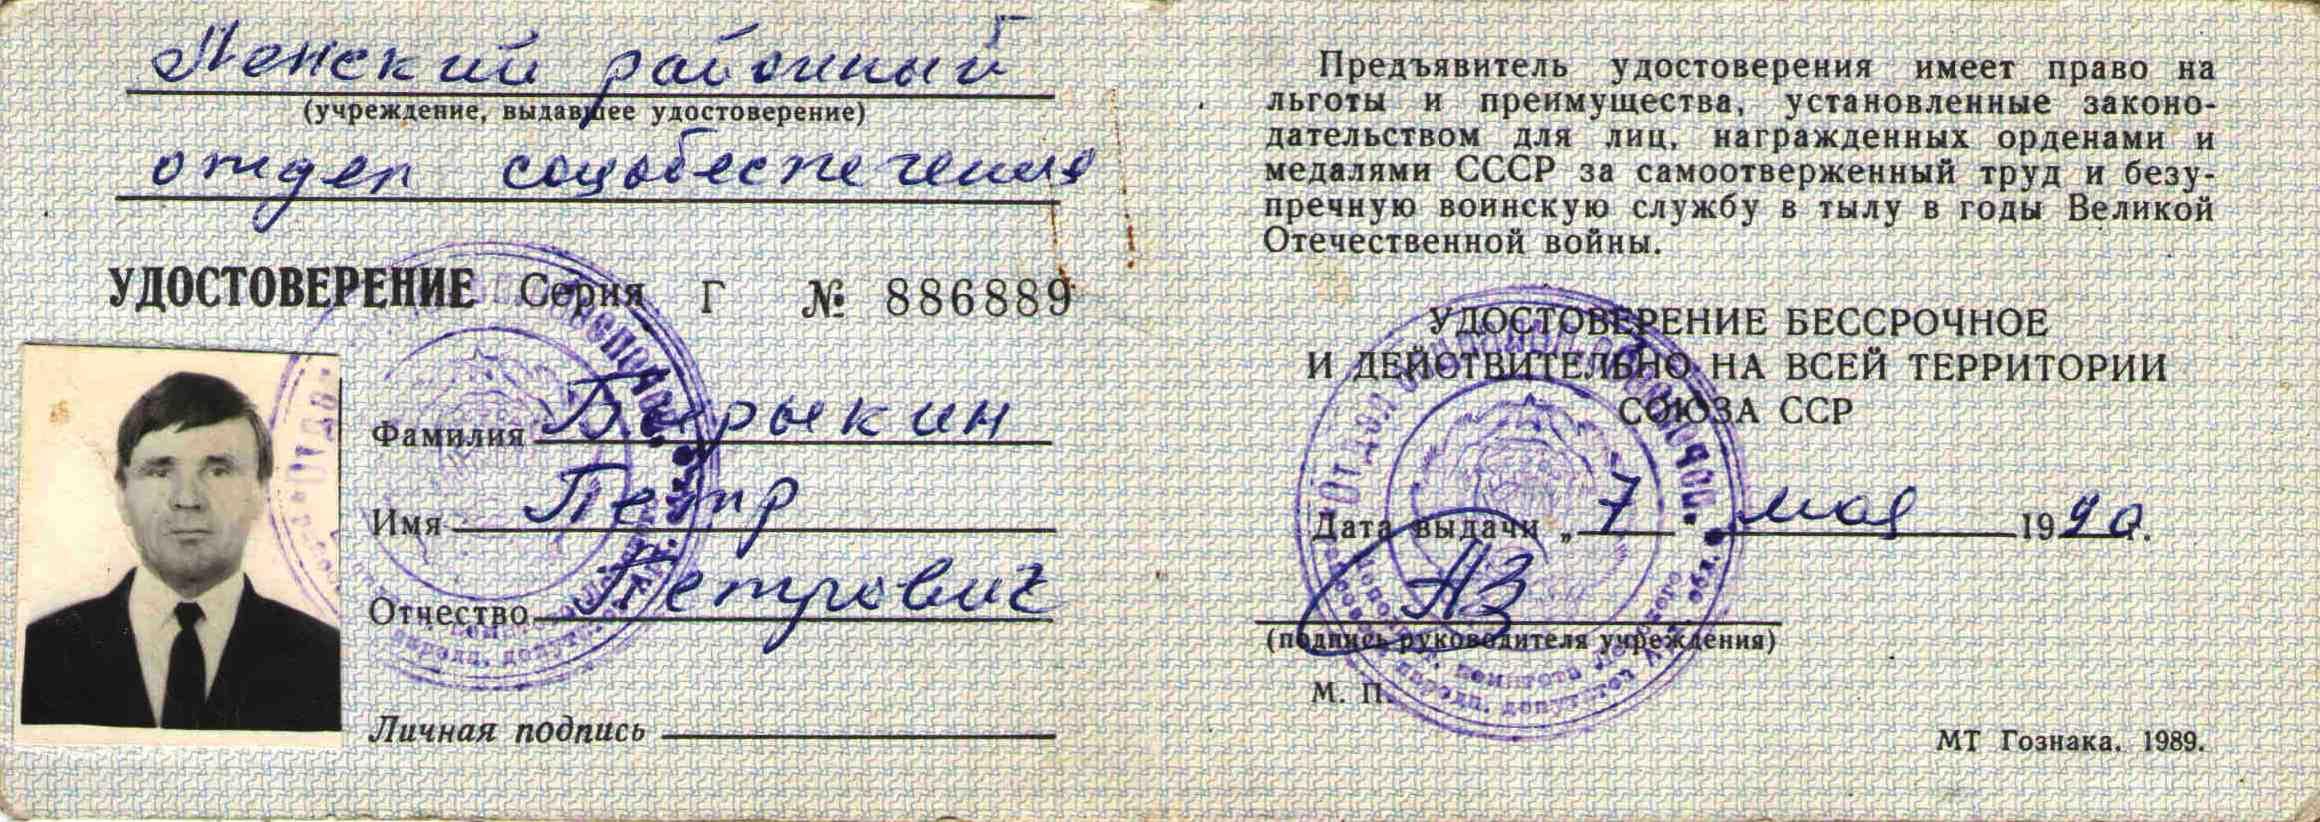 122. Удостоверекние о праве на льготы, Барыкин ПП, 1990